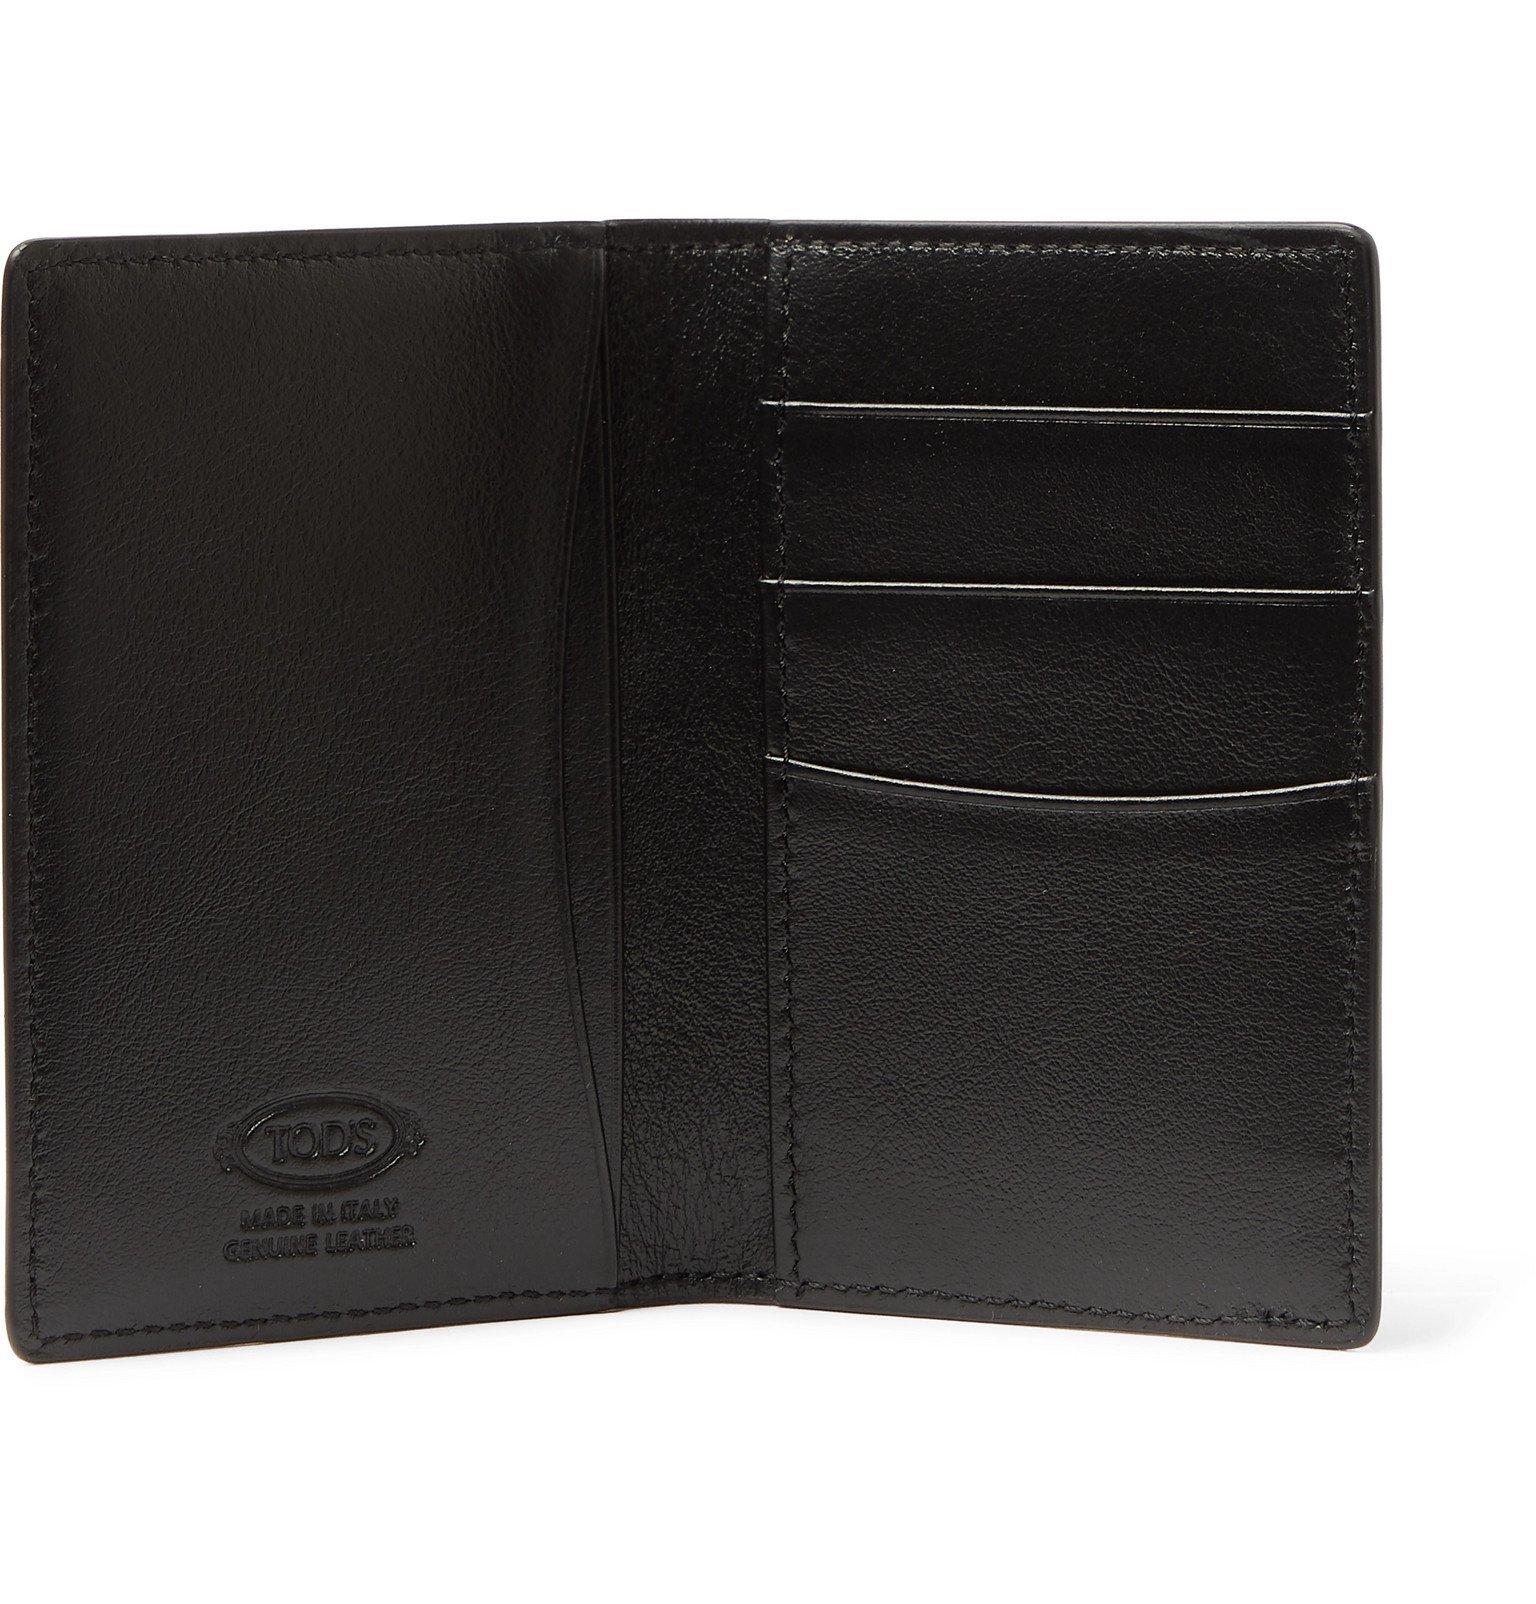 Tod's - Logo-Embellished Leather Bifold Cardholder - Black